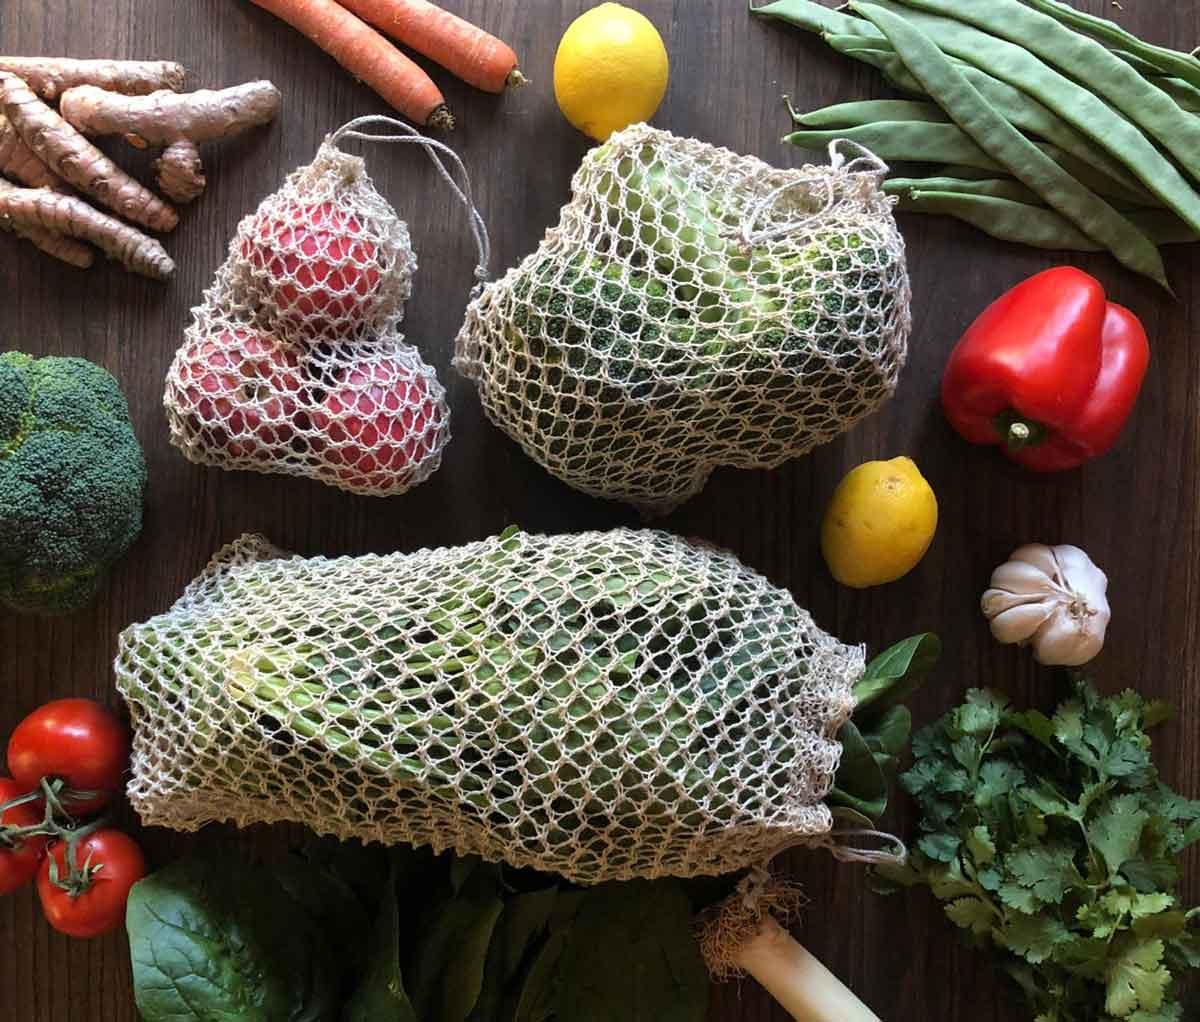 Bolsas reutilizables fruta ecológicas